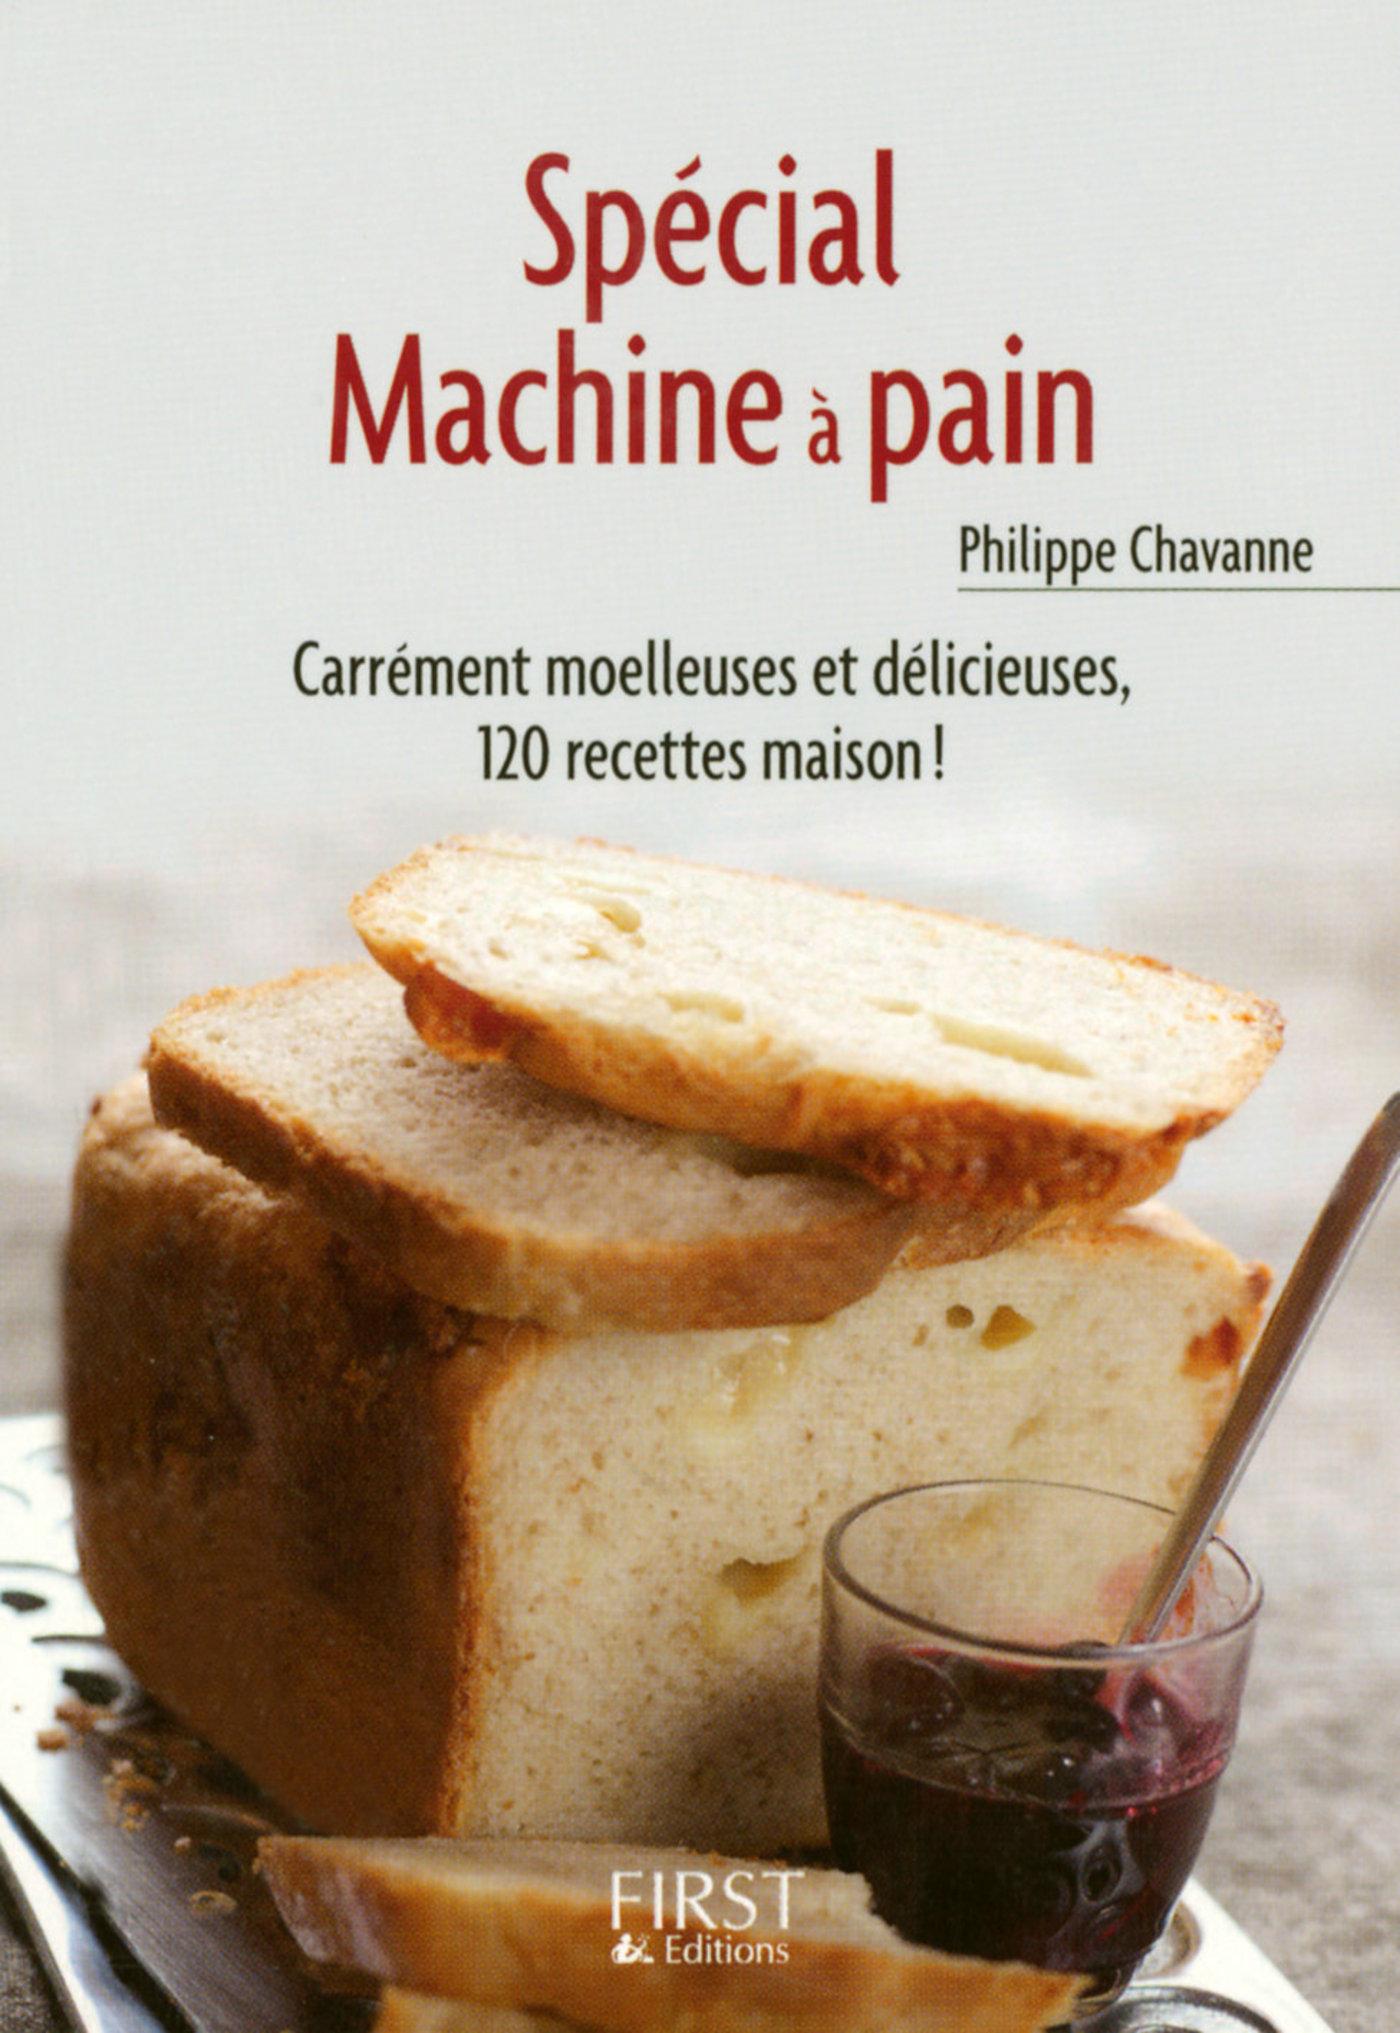 Vignette du livre Petit livre de - Spécial machine à pain - Philippe Chavanne